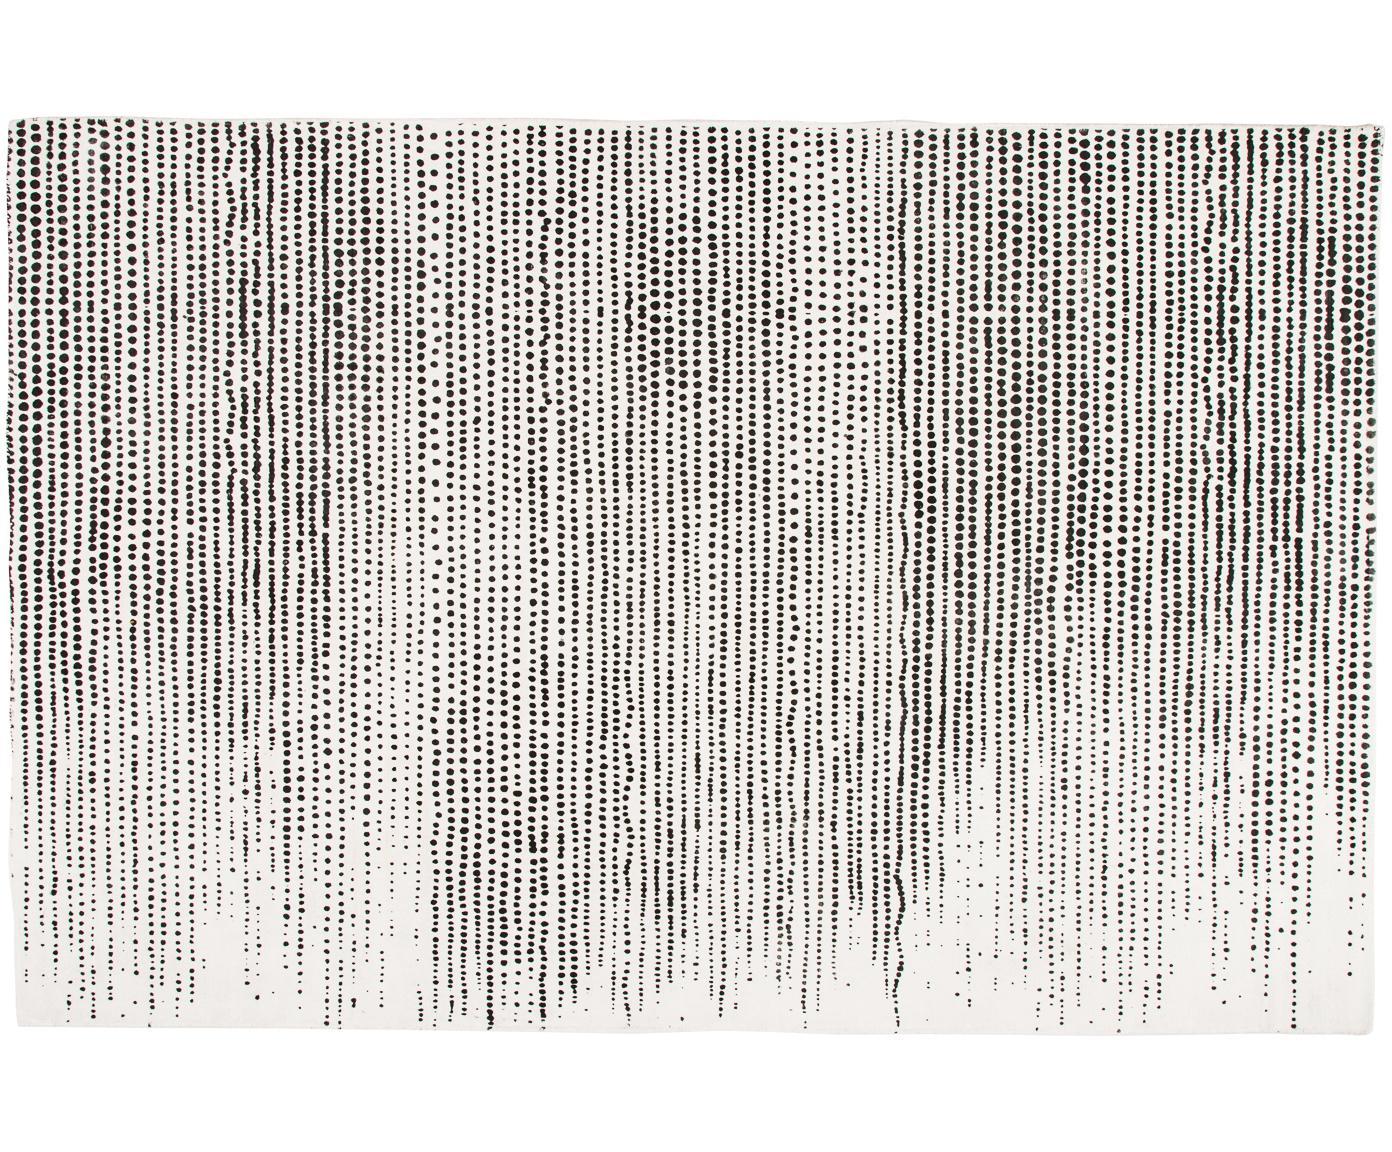 Alfombra artesanal de viscosa Lila, Parte superior: 100%viscosa, Reverso: 100%algodón, Crema, negro, An 200 x L 300 cm (Tamaño L)